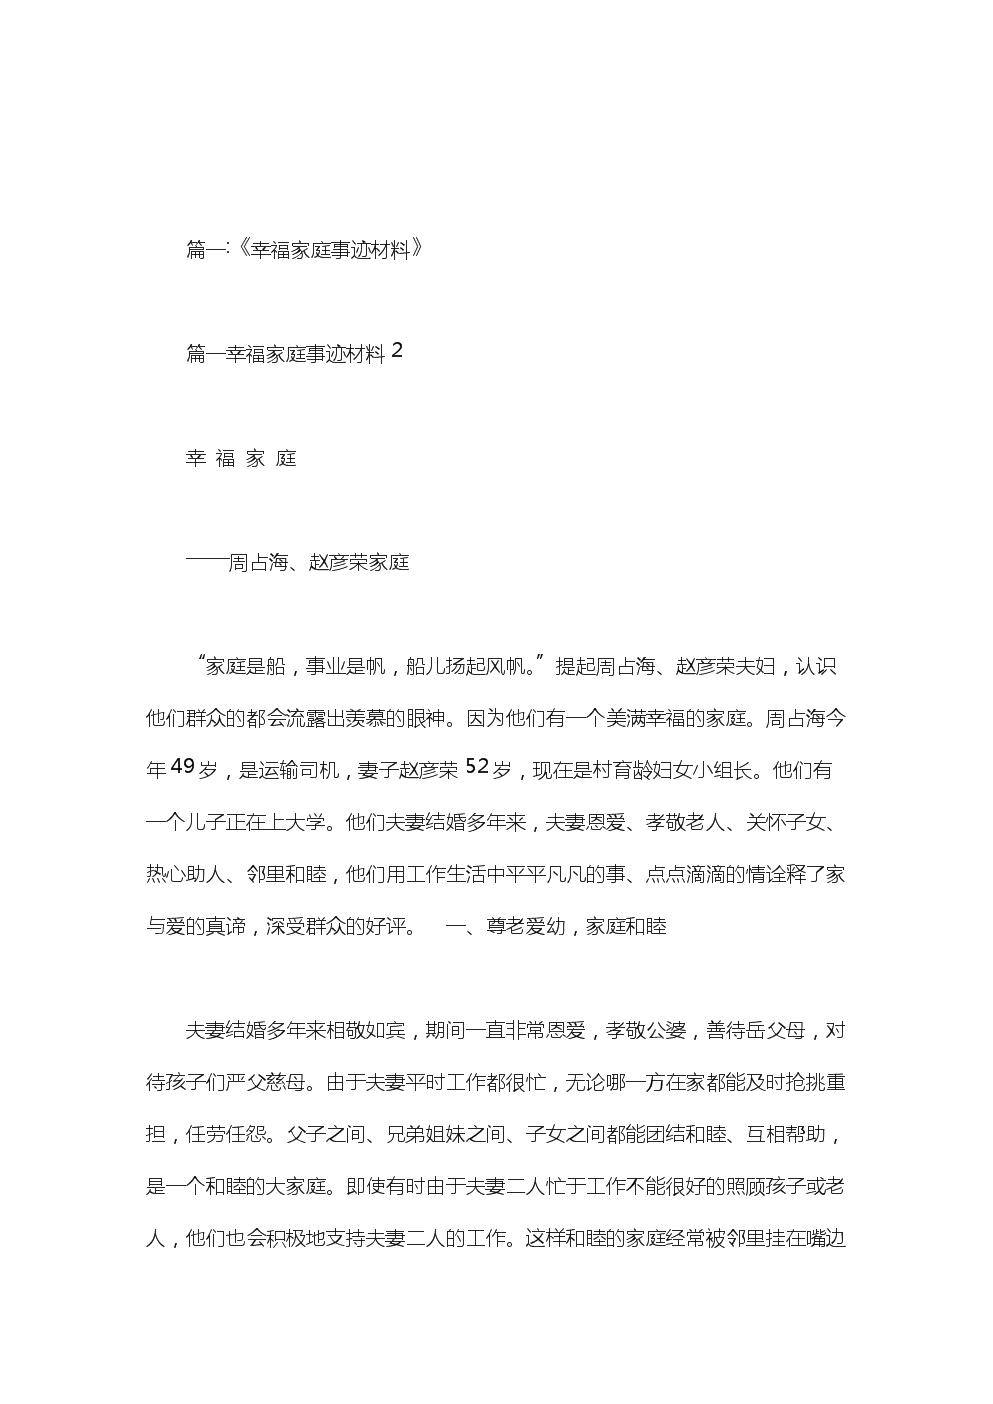 幸福家庭事迹材料2范文.doc